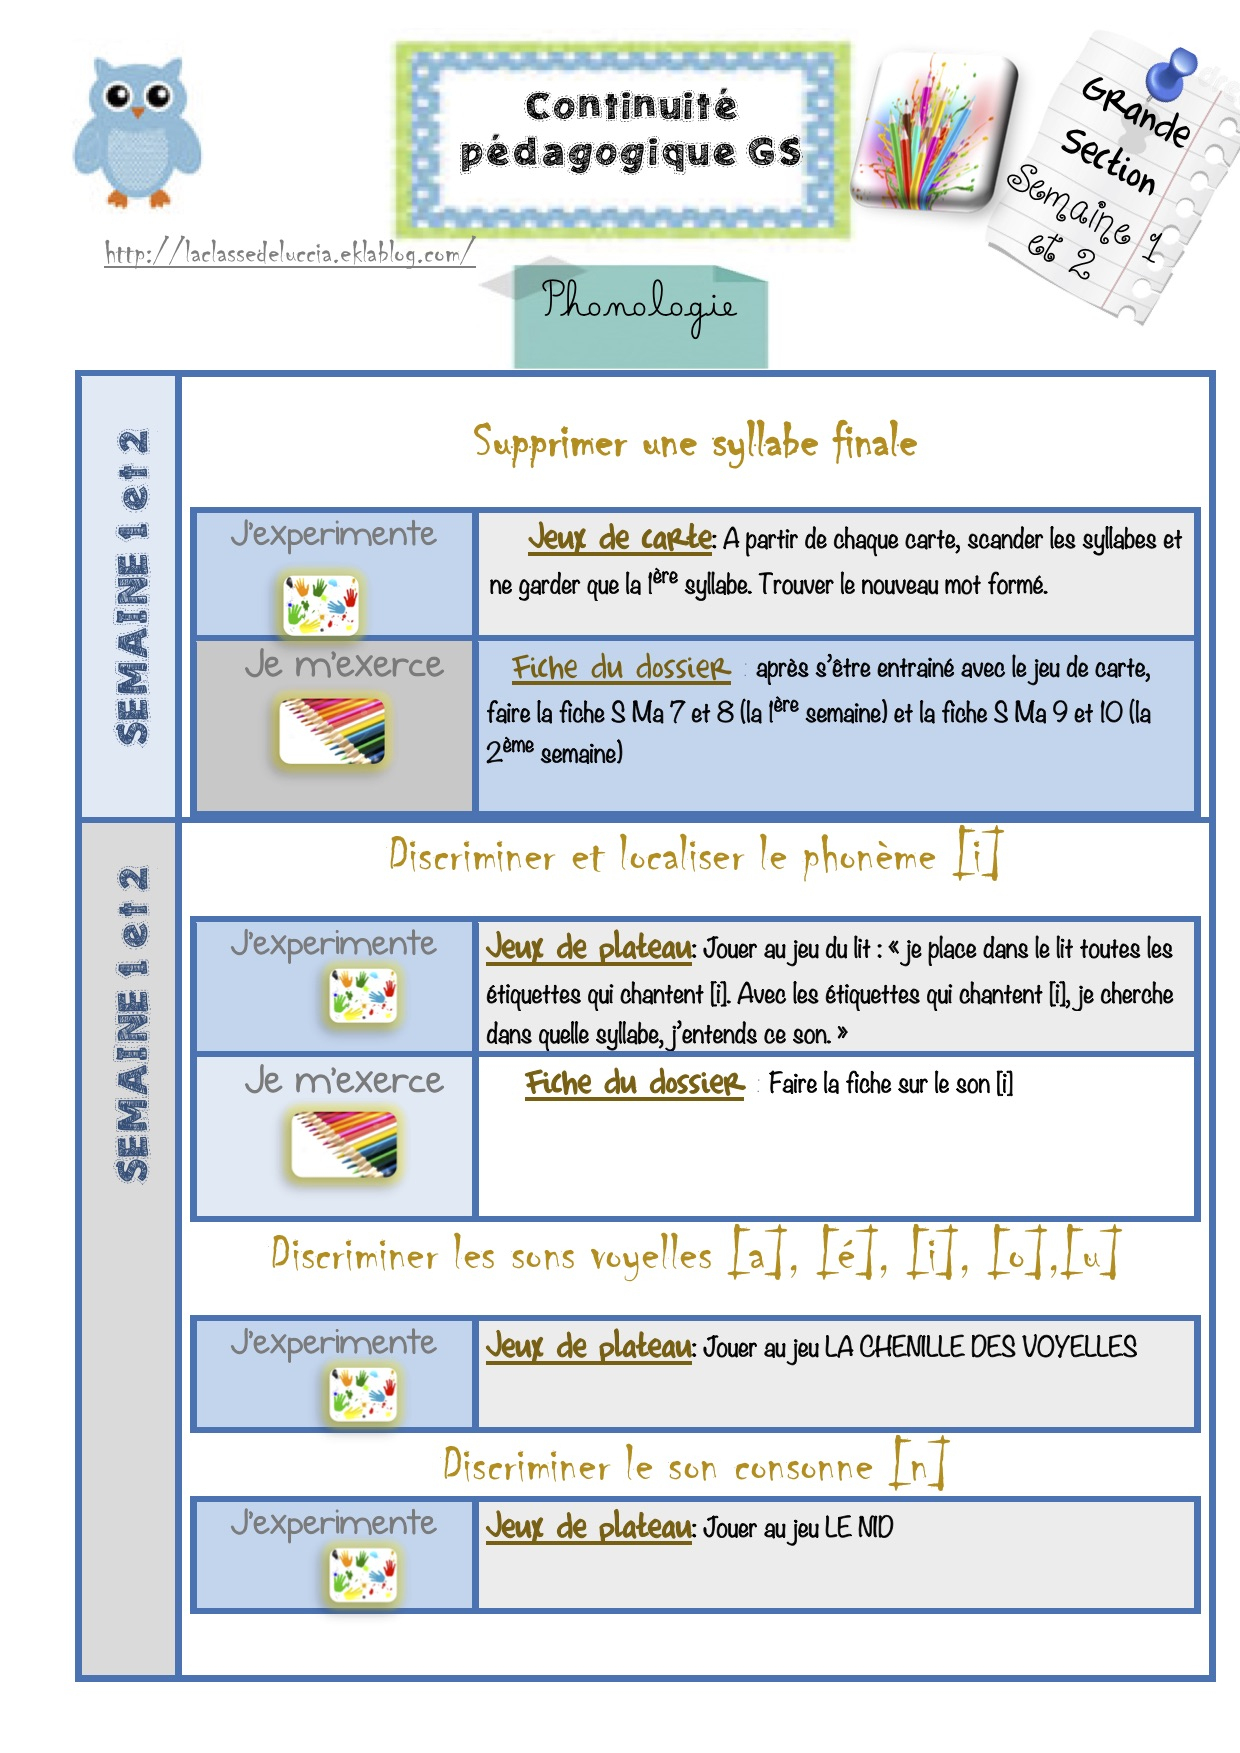 Continuité Pédagogique Gs Semaine 1 Et 2 - La Classe De Luccia ! tout Jeux Pedagogique Maternelle